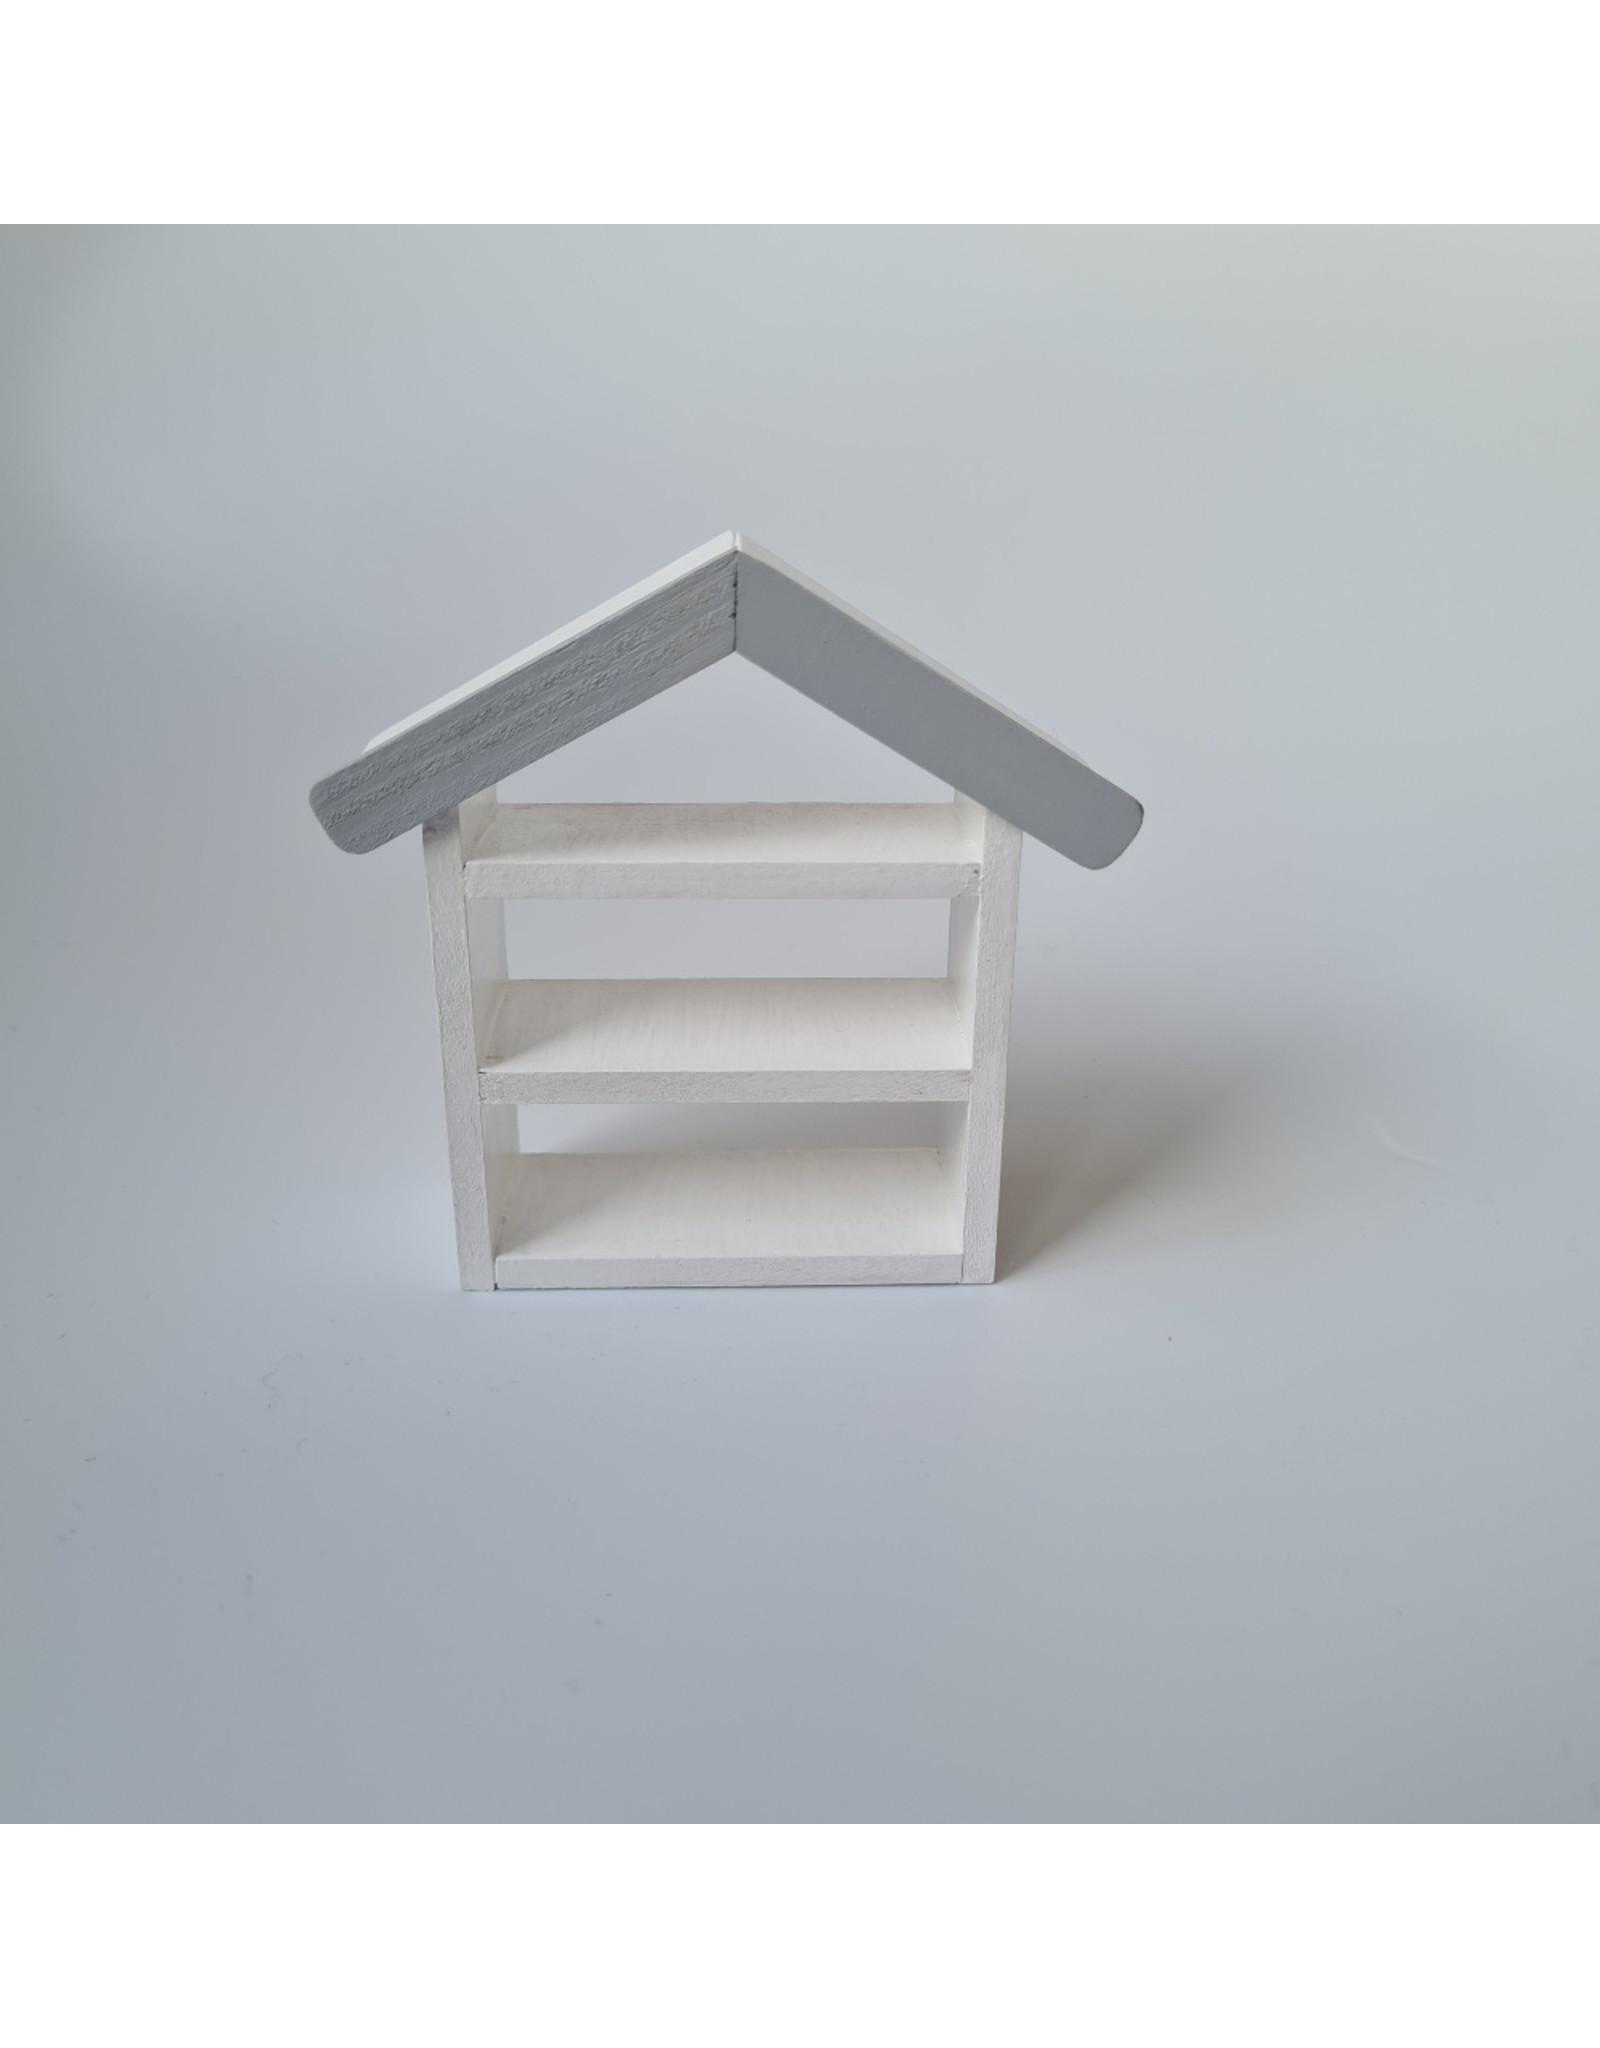 Project Dollhouse Dollhouse Maileg Mini